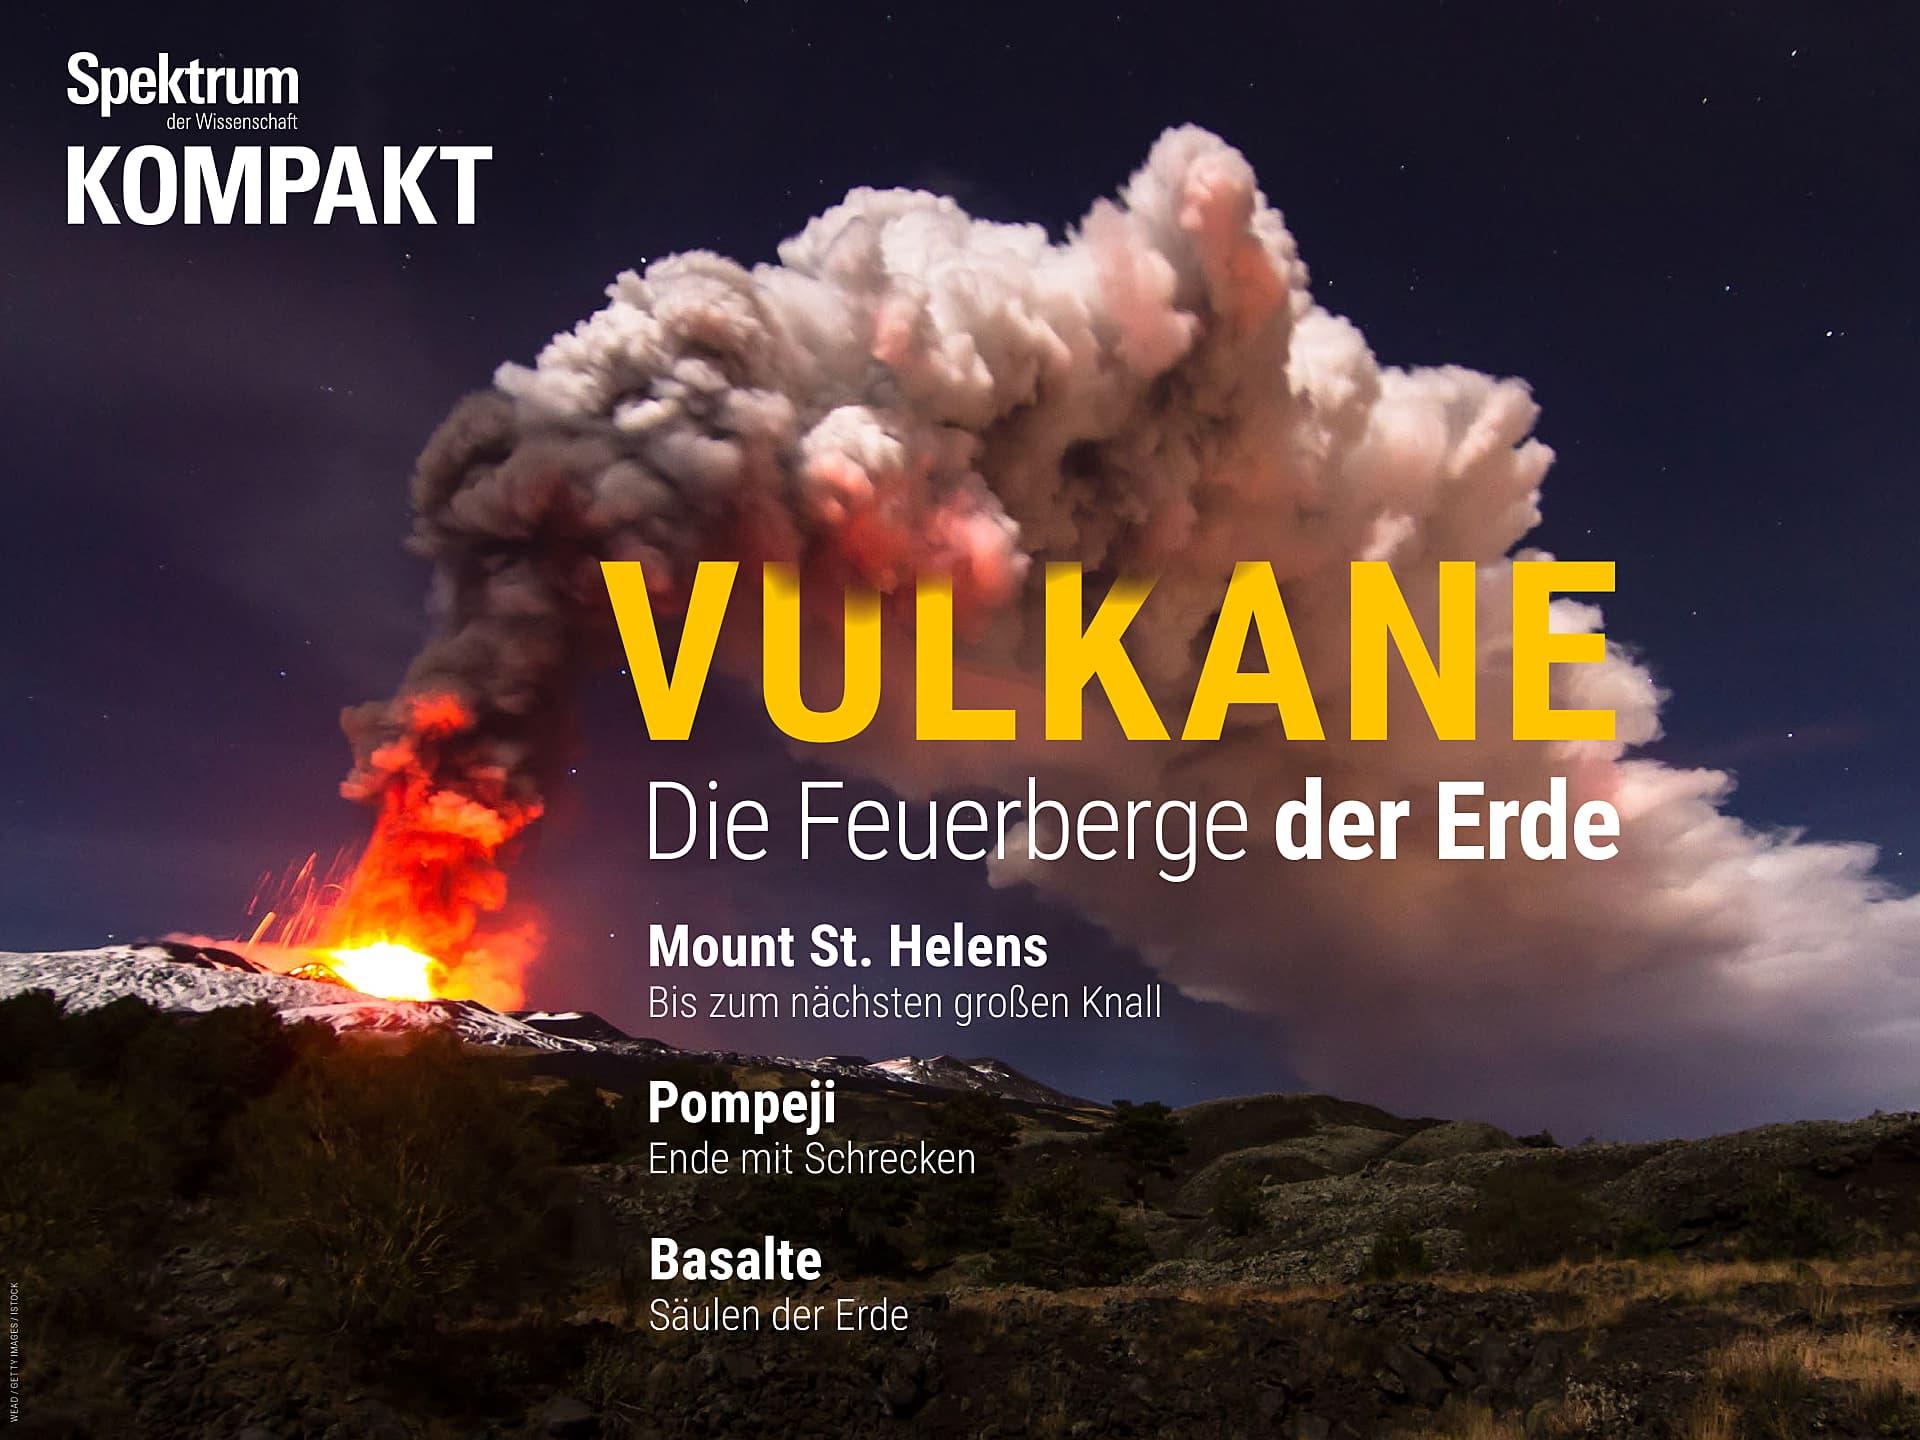 Vulkane - Die Feuerberge der Erde